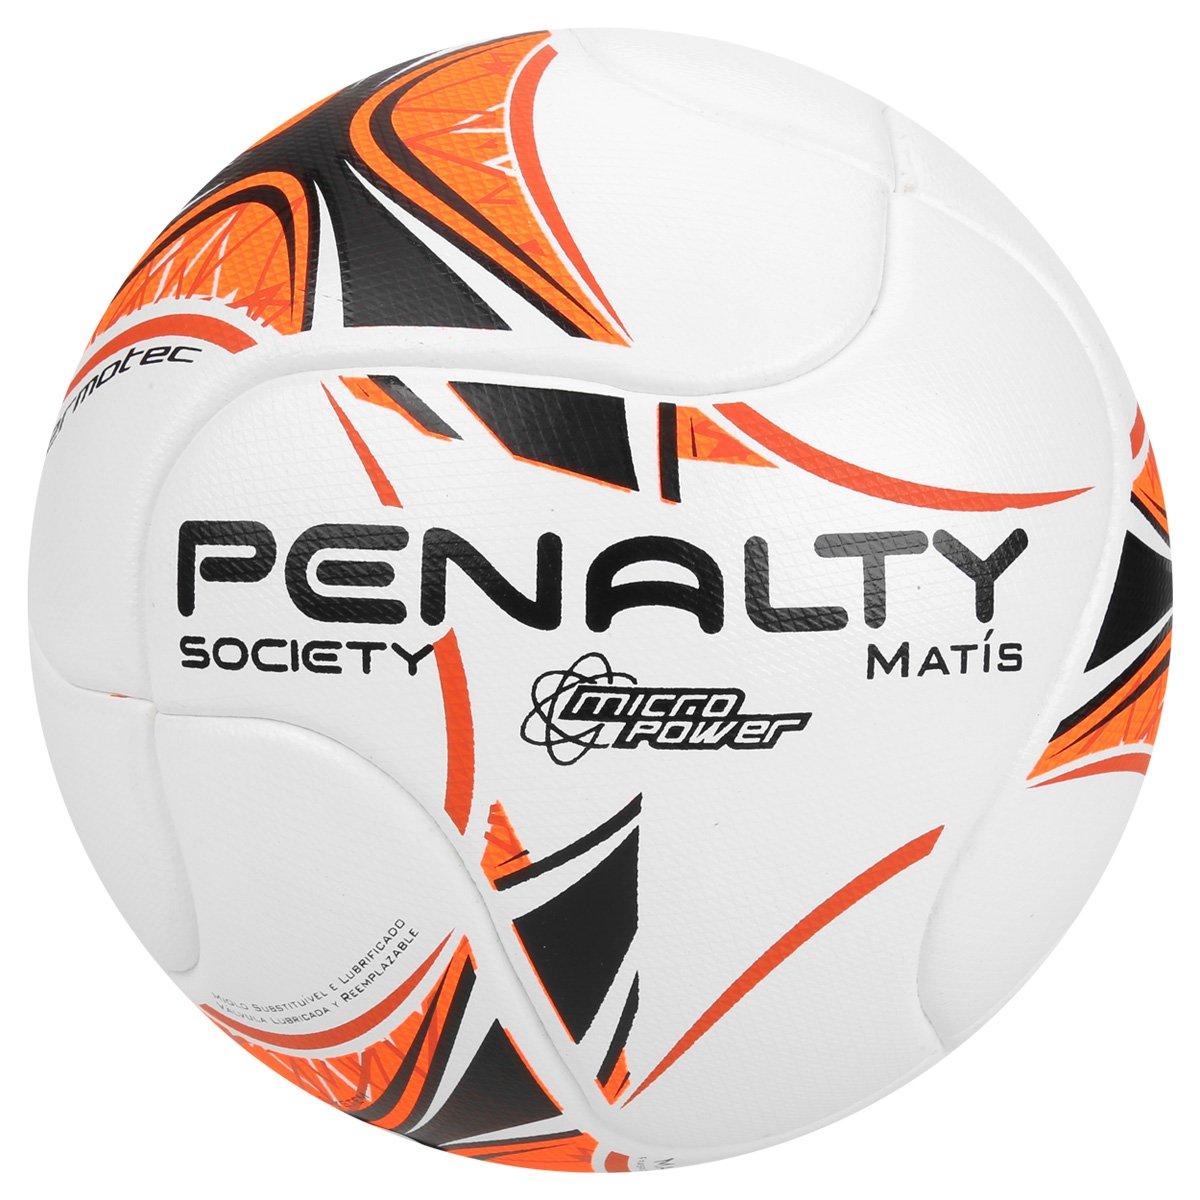 73a42fae65580 Bola Futebol Penalty Matis Termotec 7 Society - Compre Agora